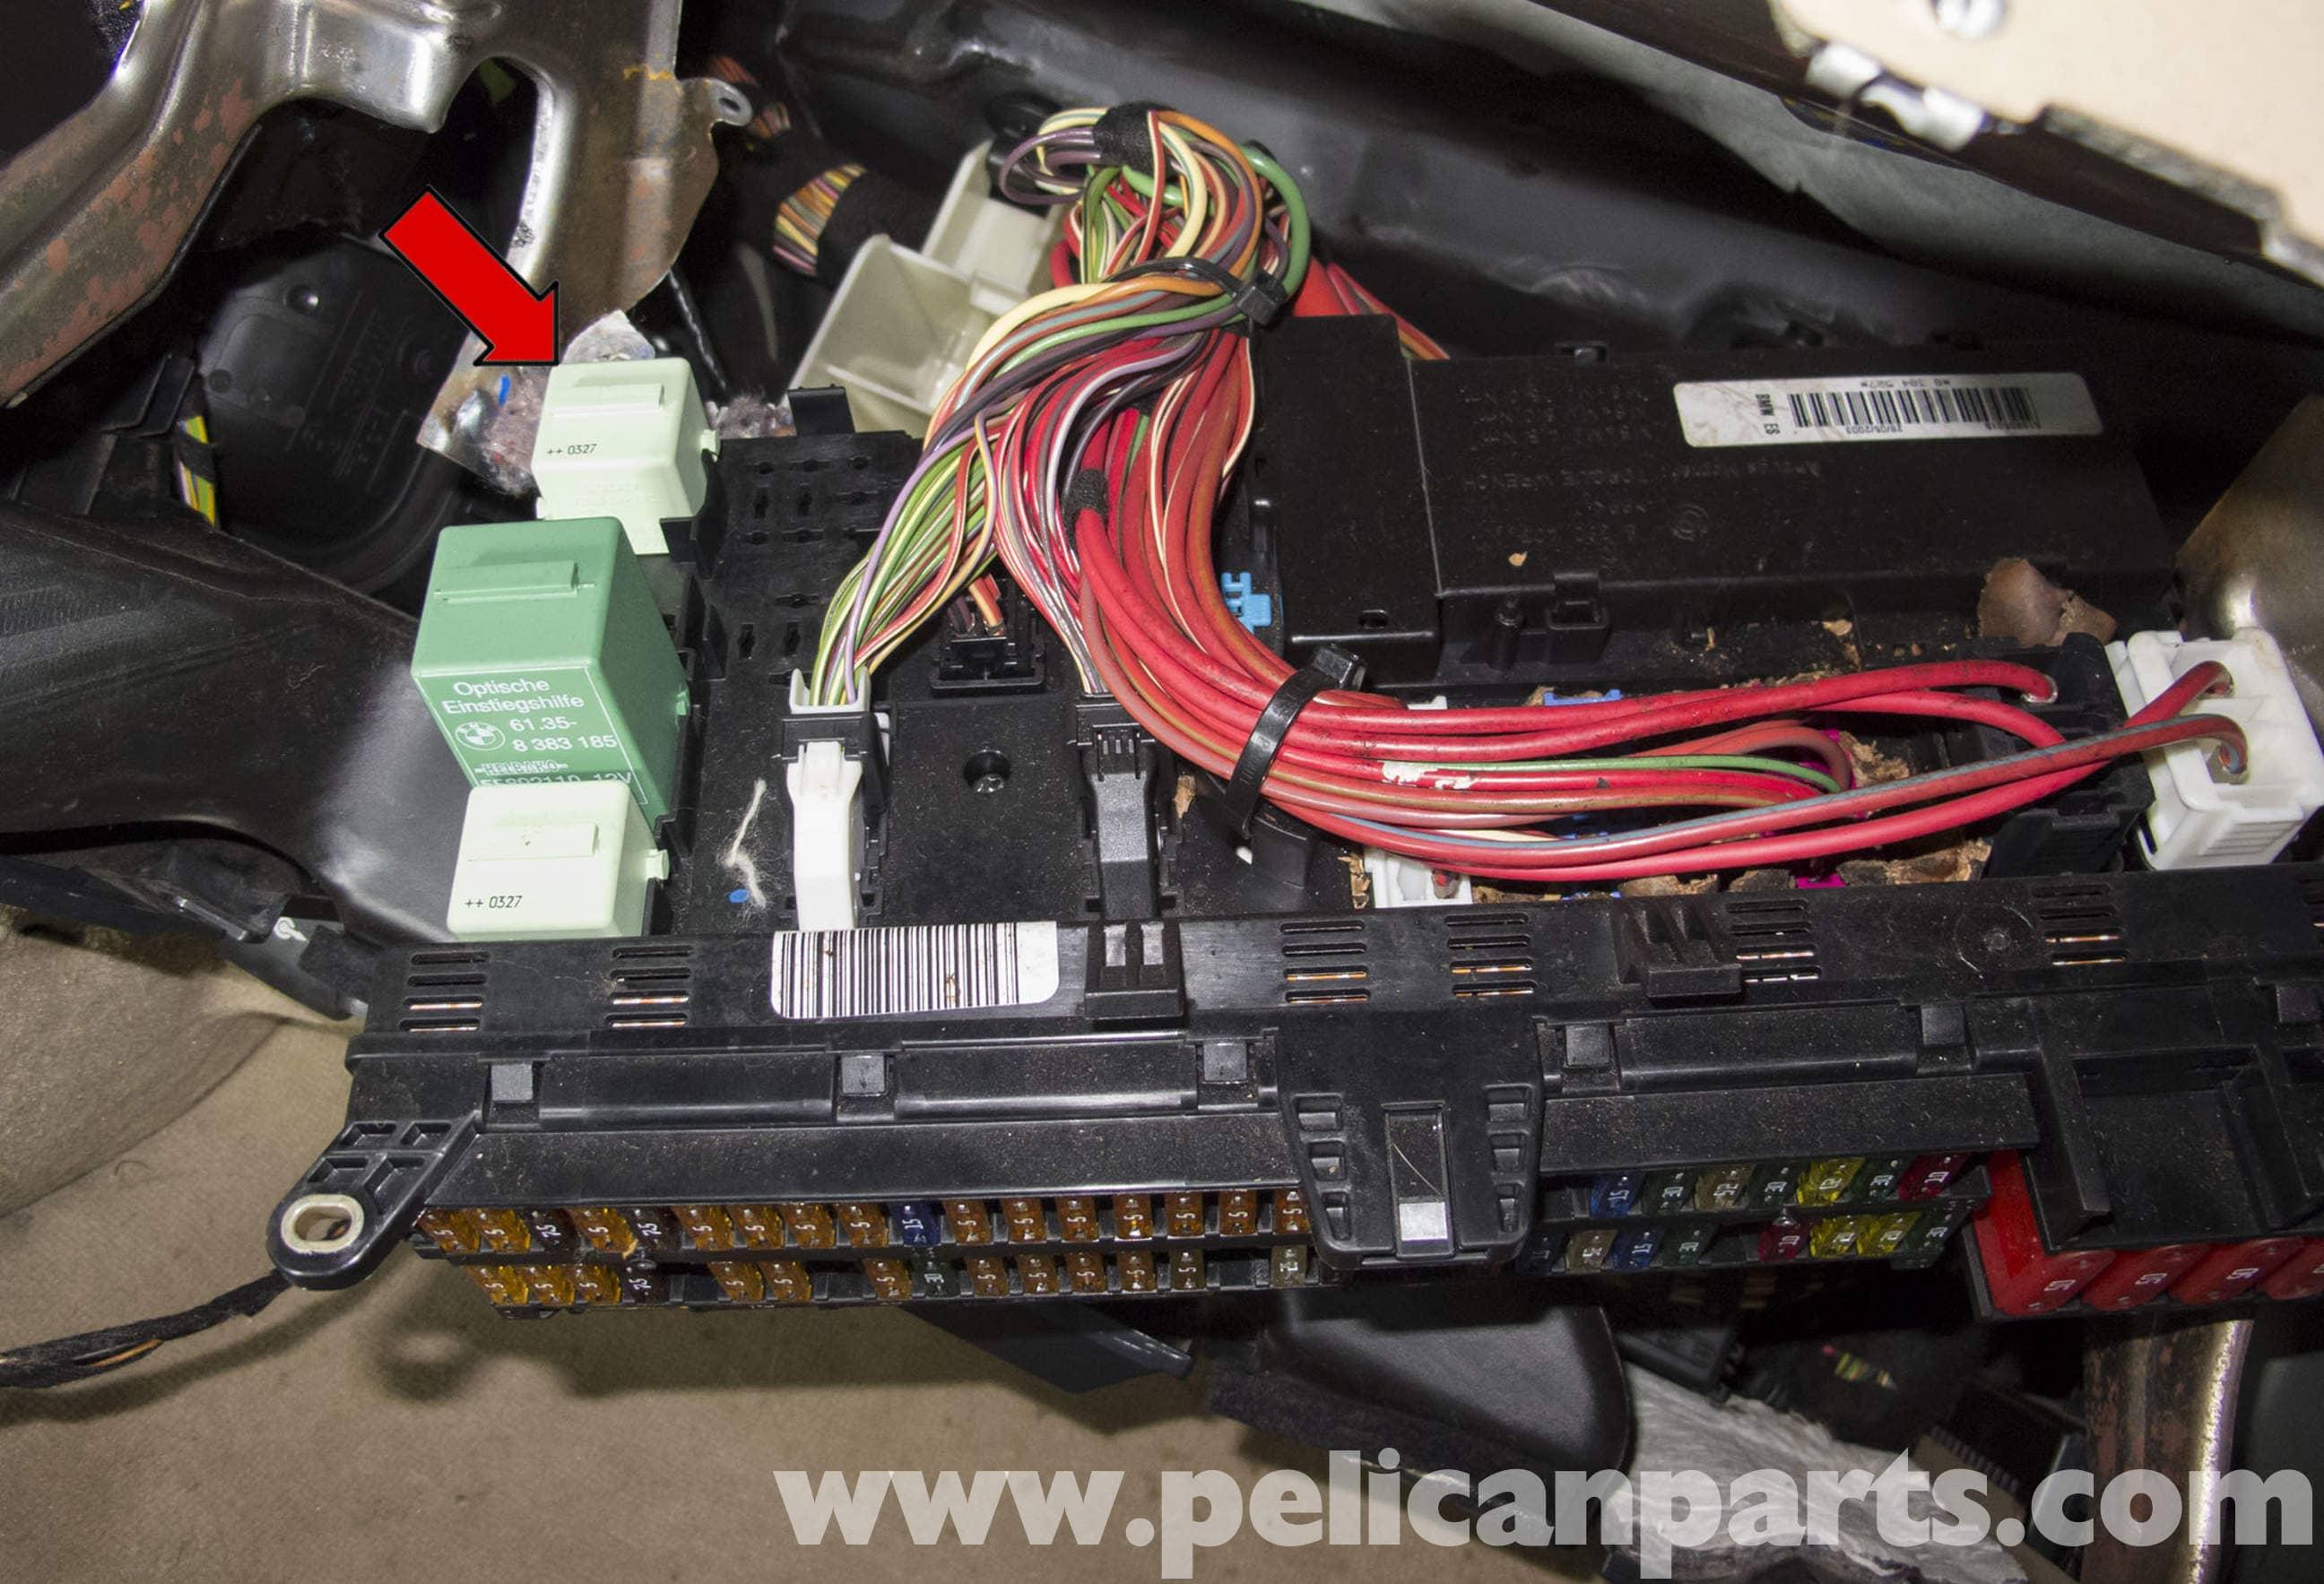 bmw 530i fuse box e55db92 2004 bmw 530i fuse box wiring resources 2003 bmw 530i fuse box location e55db92 2004 bmw 530i fuse box wiring